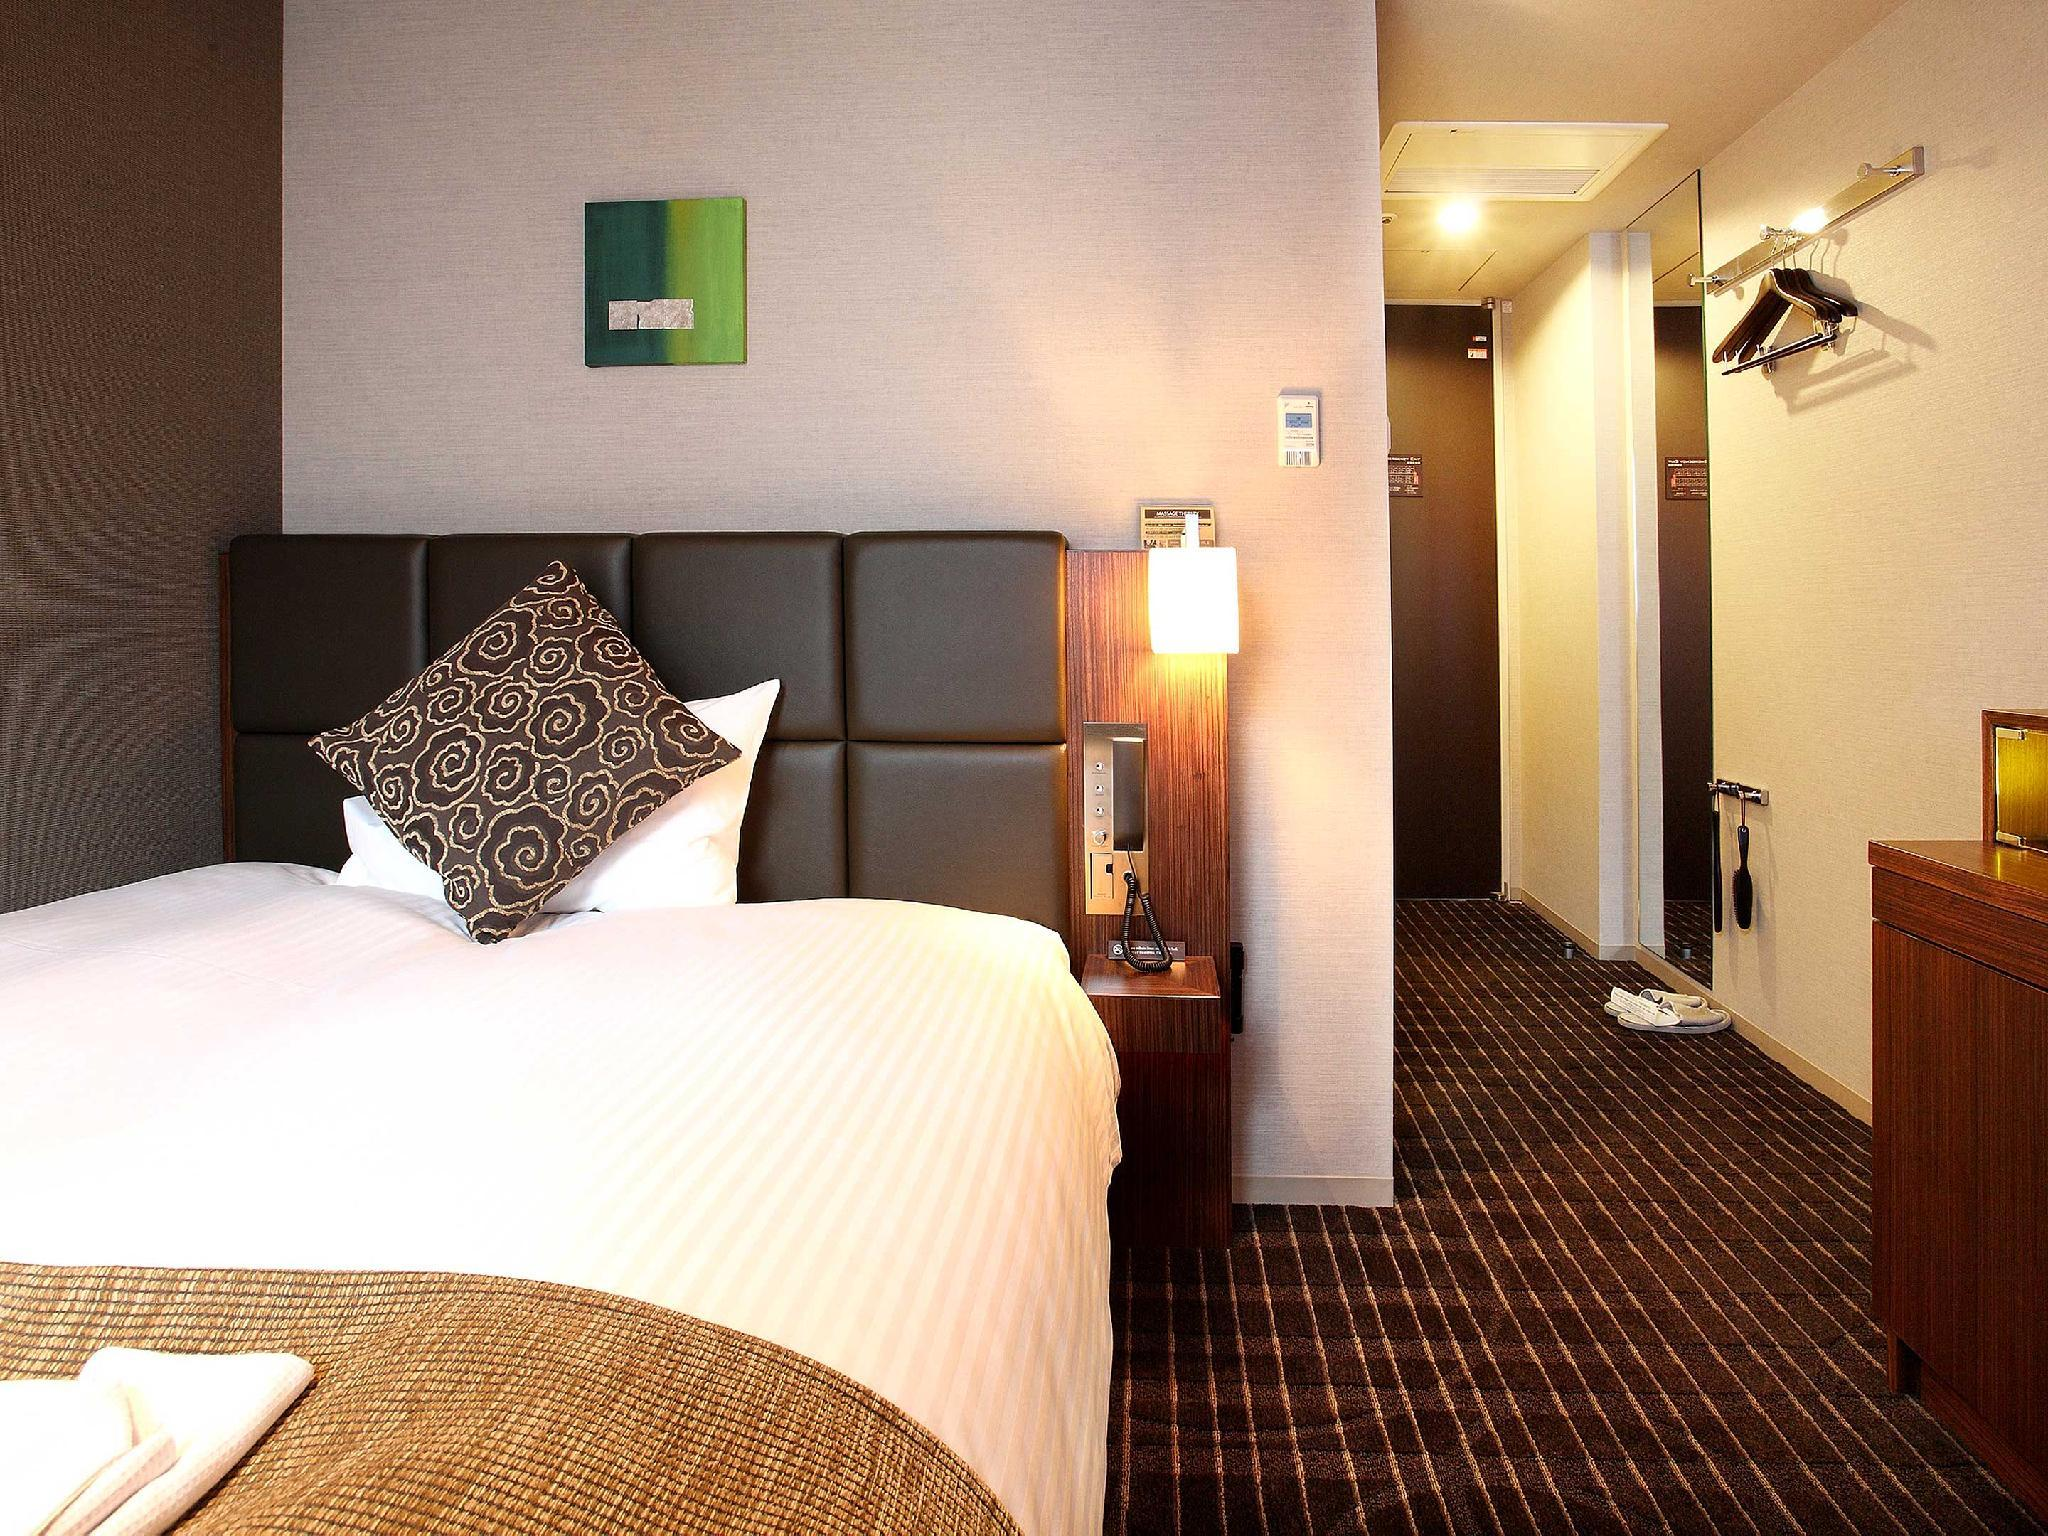 ホテルグレイスリー田町 (Hotel Gracery Tamachi)|クチコミあり - 東京